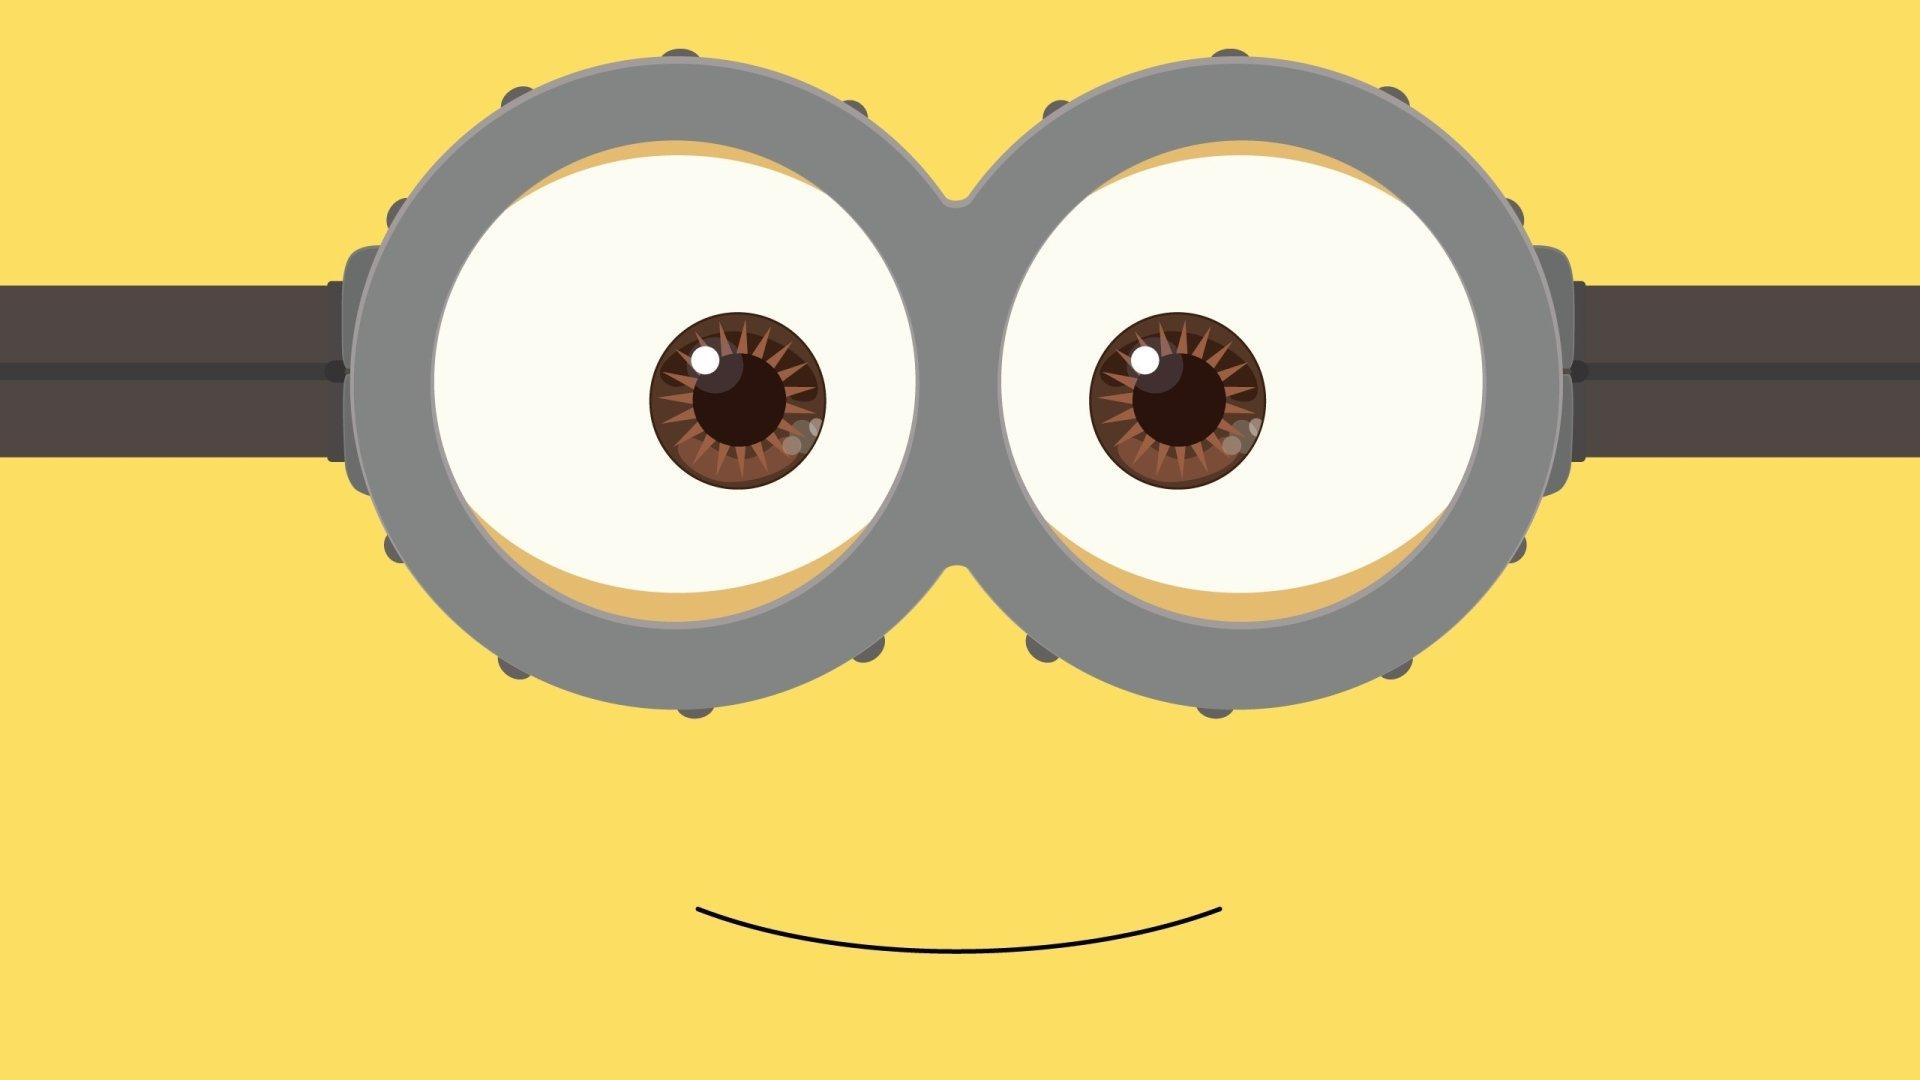 Movie - Minions  Kevin (Minions) Minimalist Wallpaper